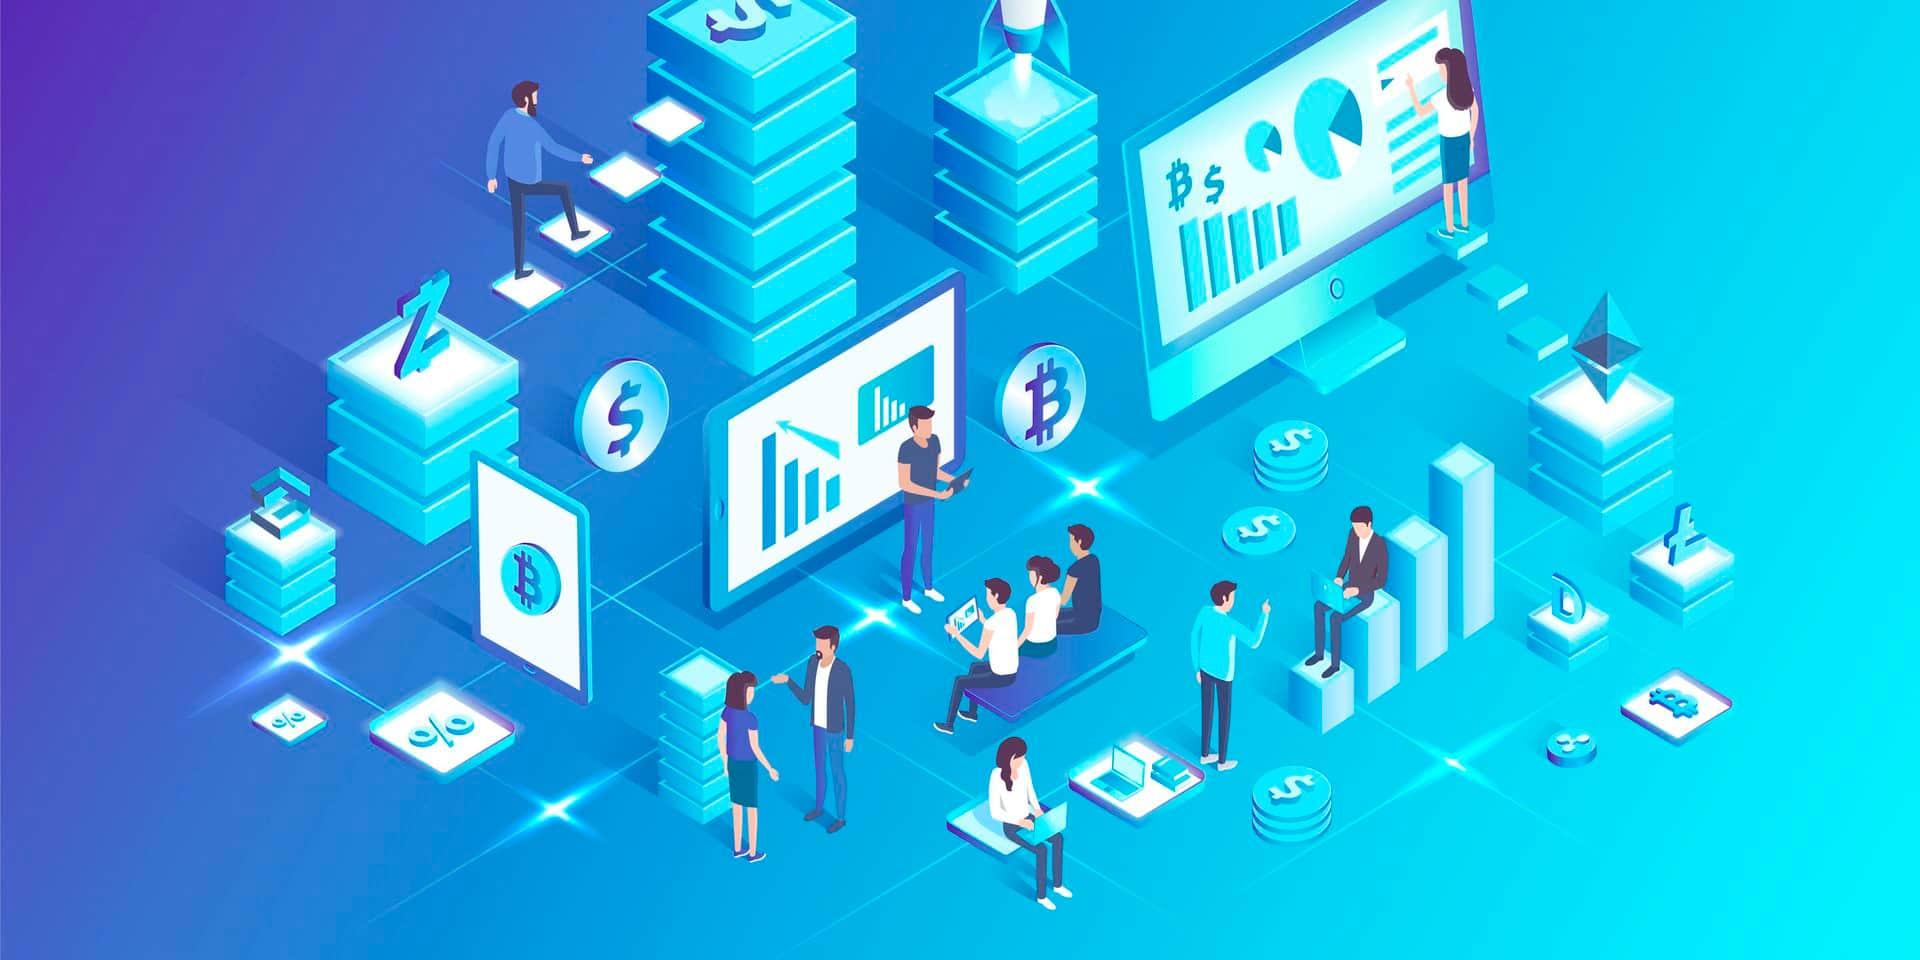 La petite encryptopédie: le tour des connaissances sur la blockchain et les cryptomonnaies